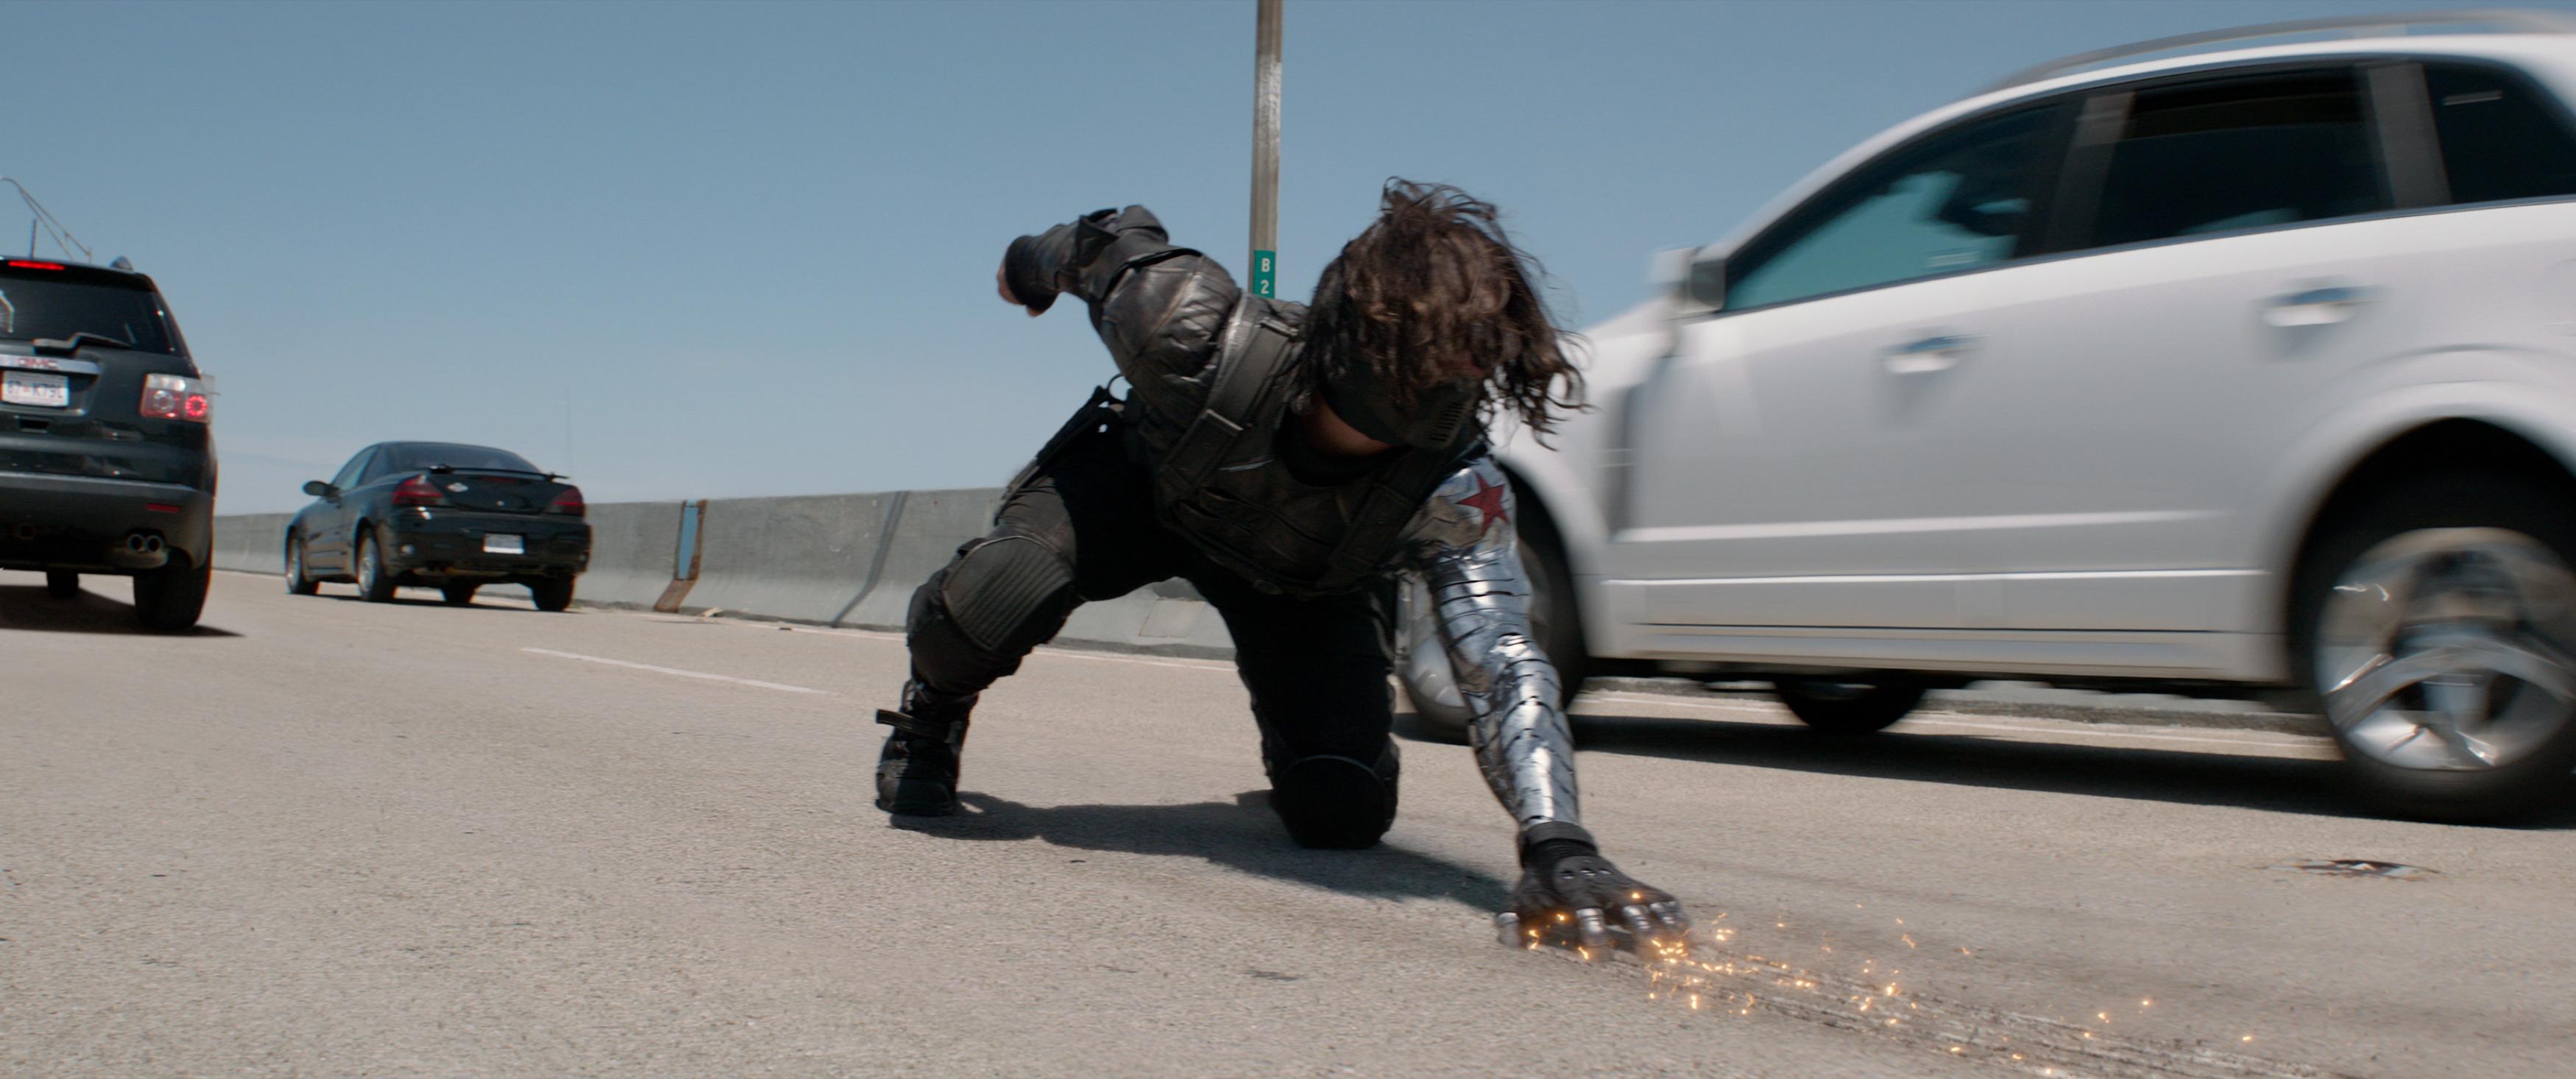 Image via Hollywood.com